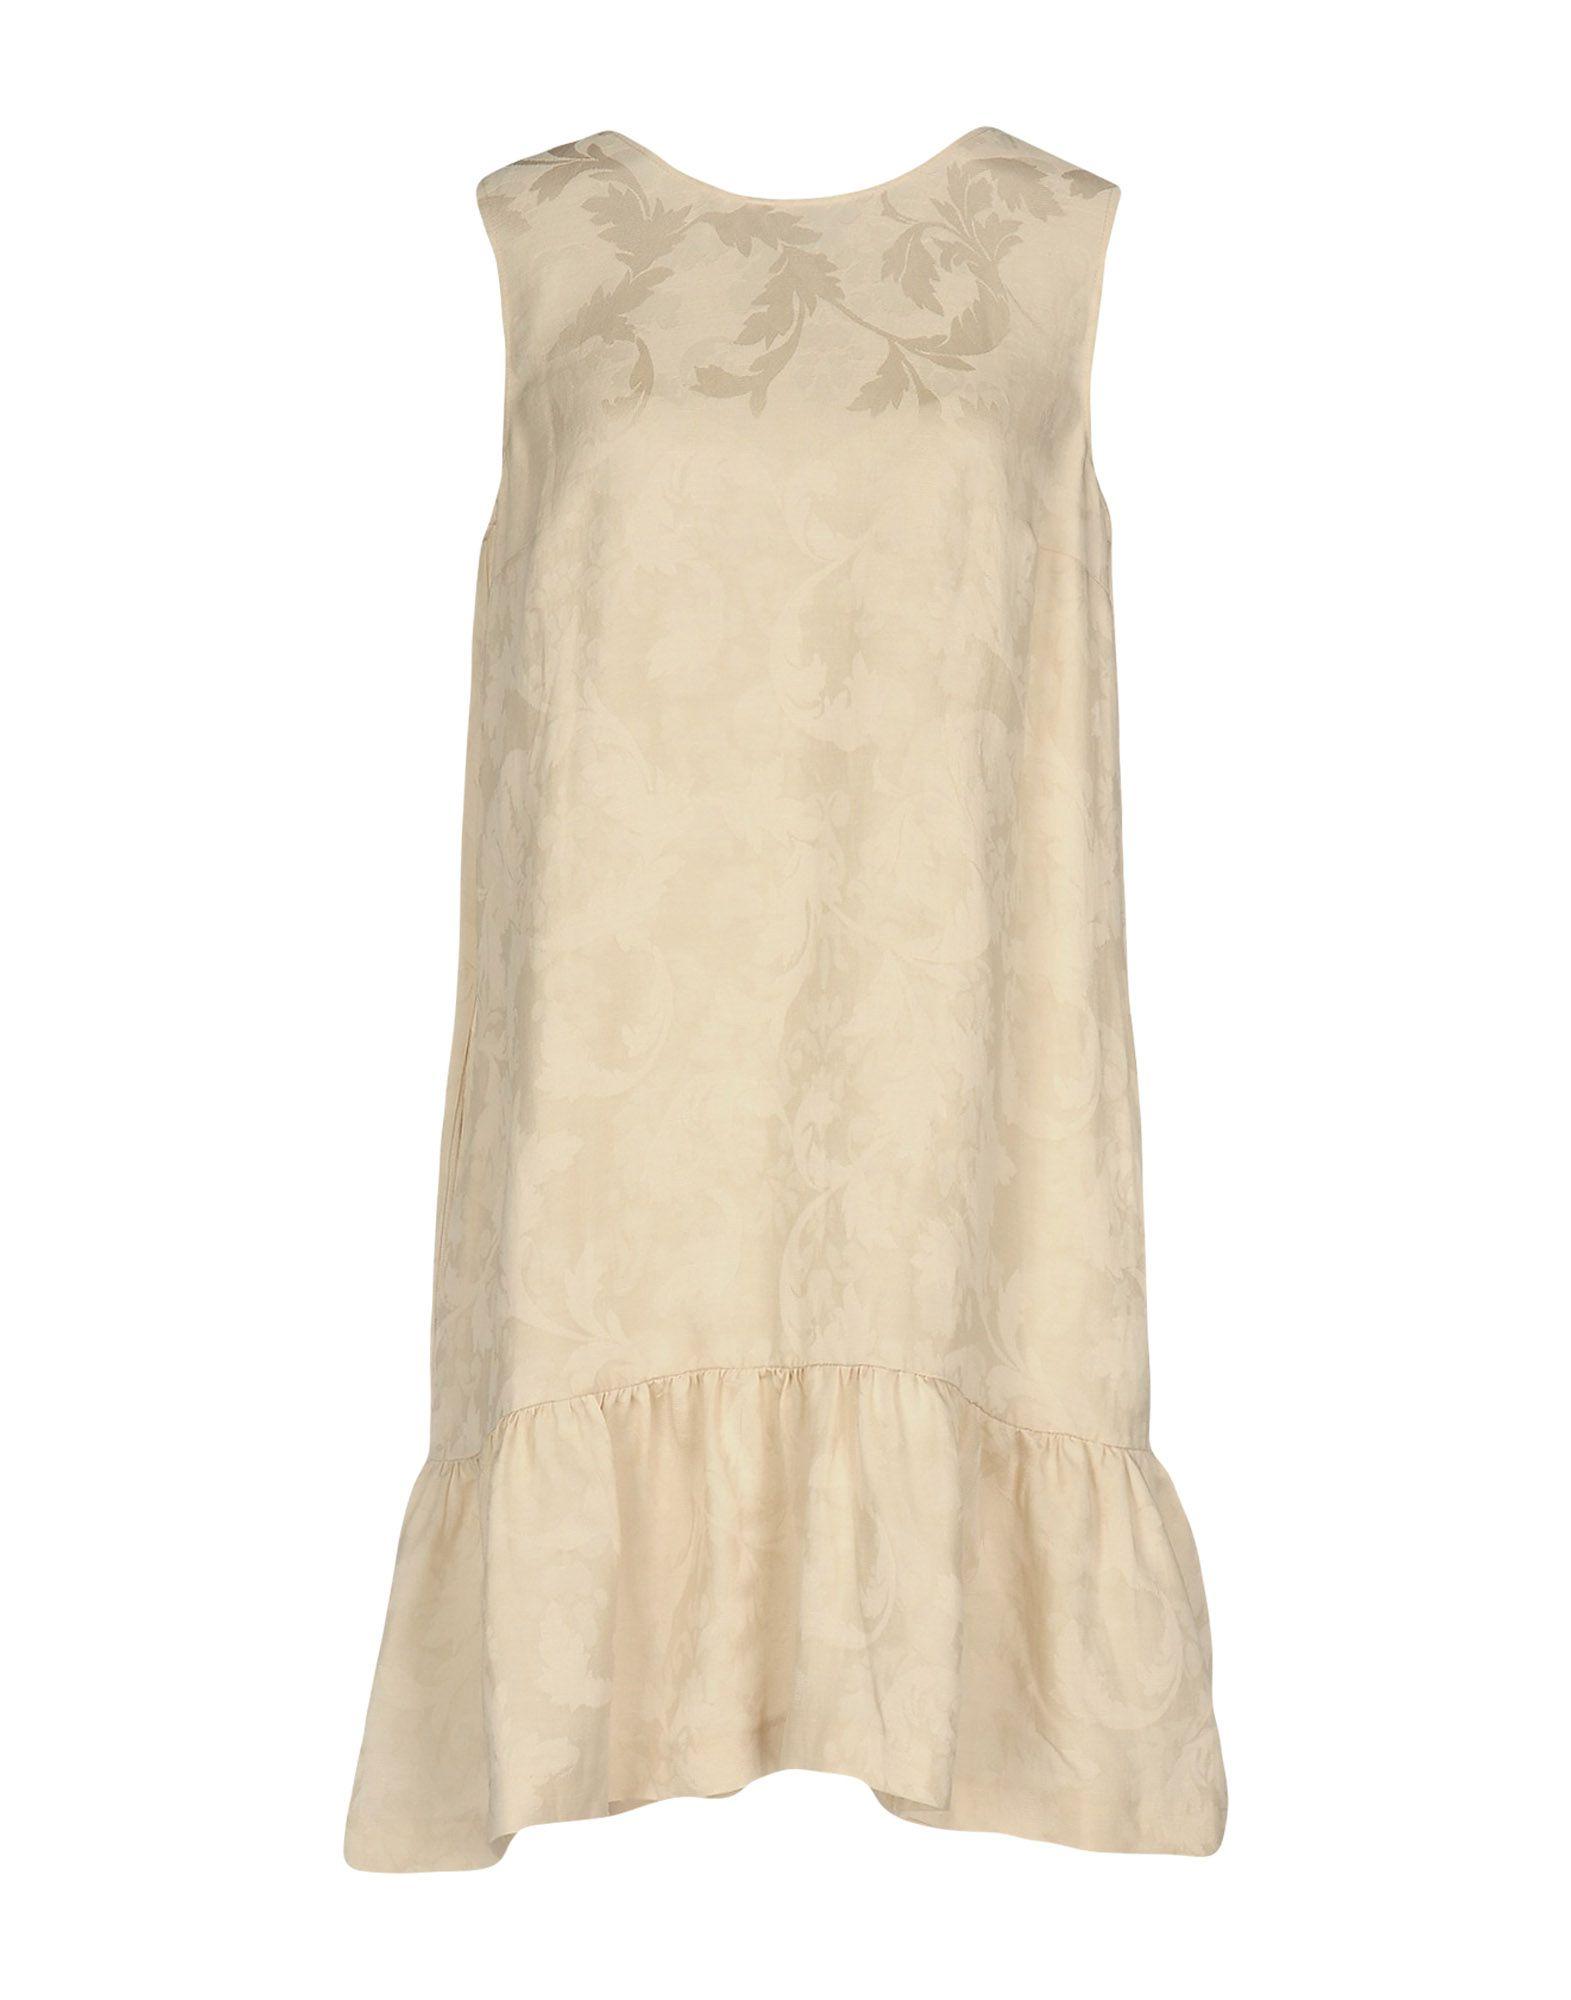 JUCCA Damen Kurzes Kleid Farbe Beige Größe 4 jetztbilligerkaufen